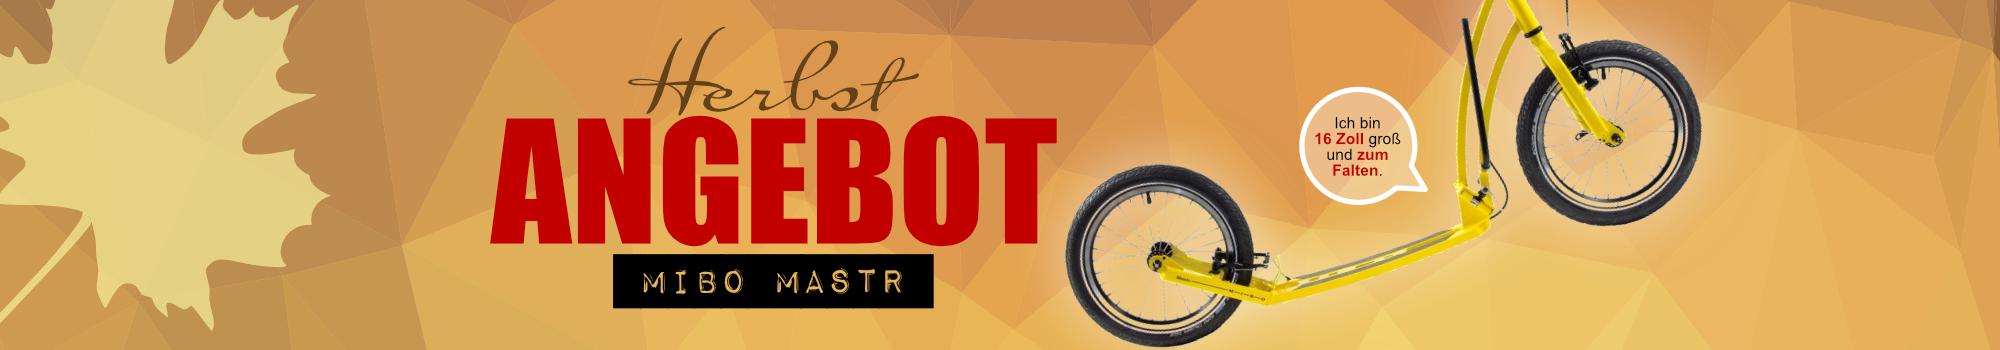 Anbeot Mibo Mastr inkl. Schutzblech-Set